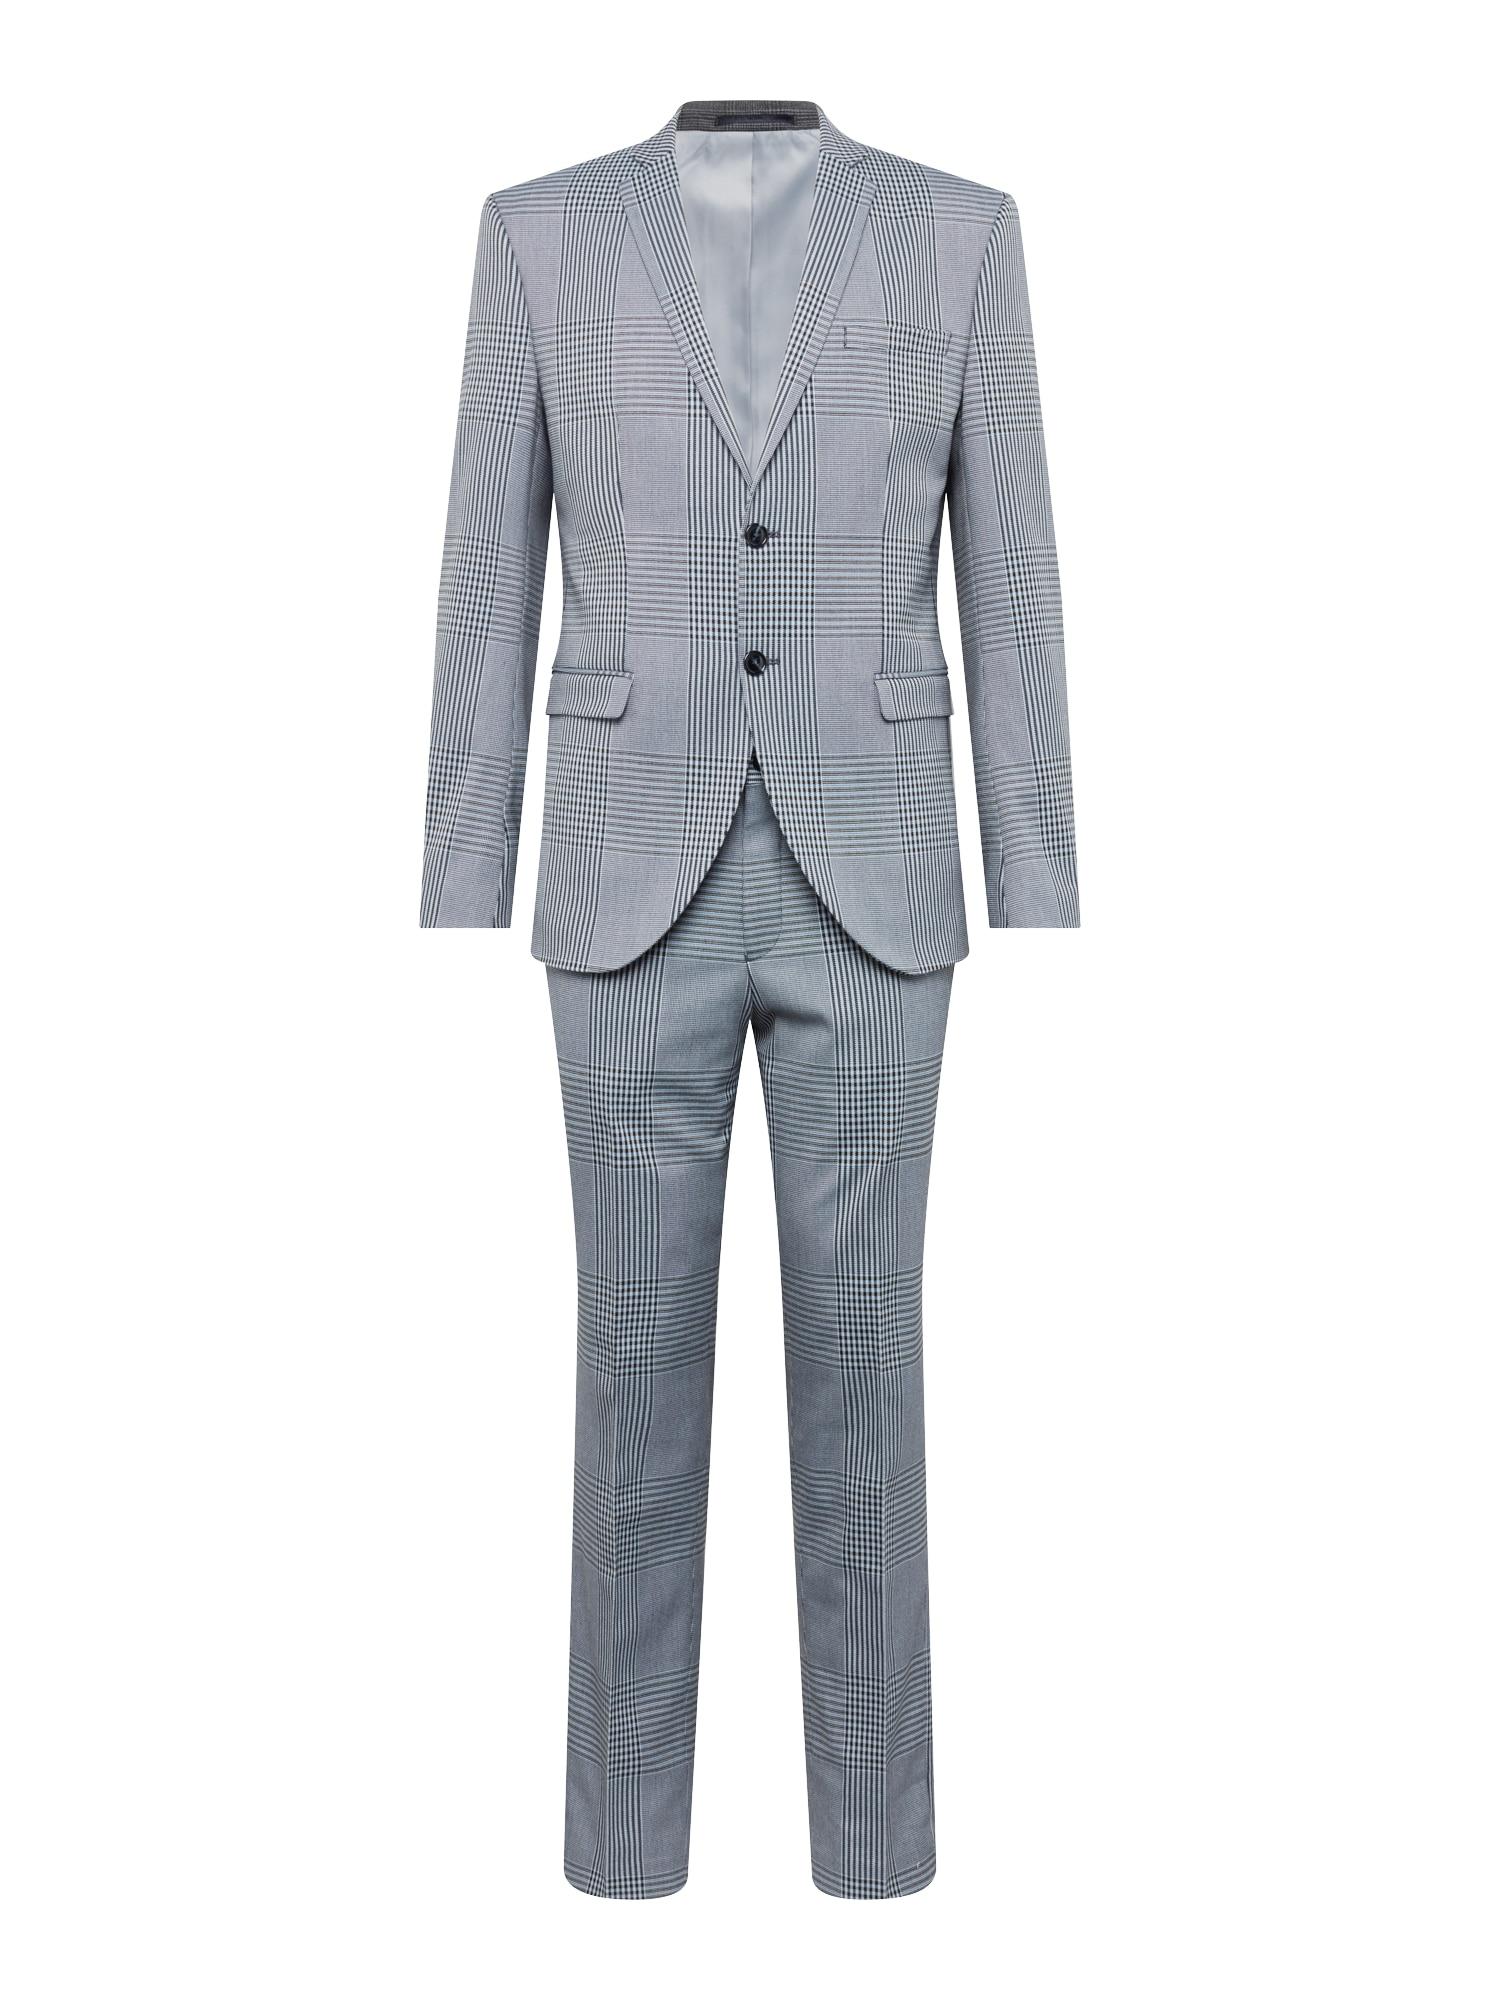 Oblek JPRFORCE světle šedá JACK & JONES